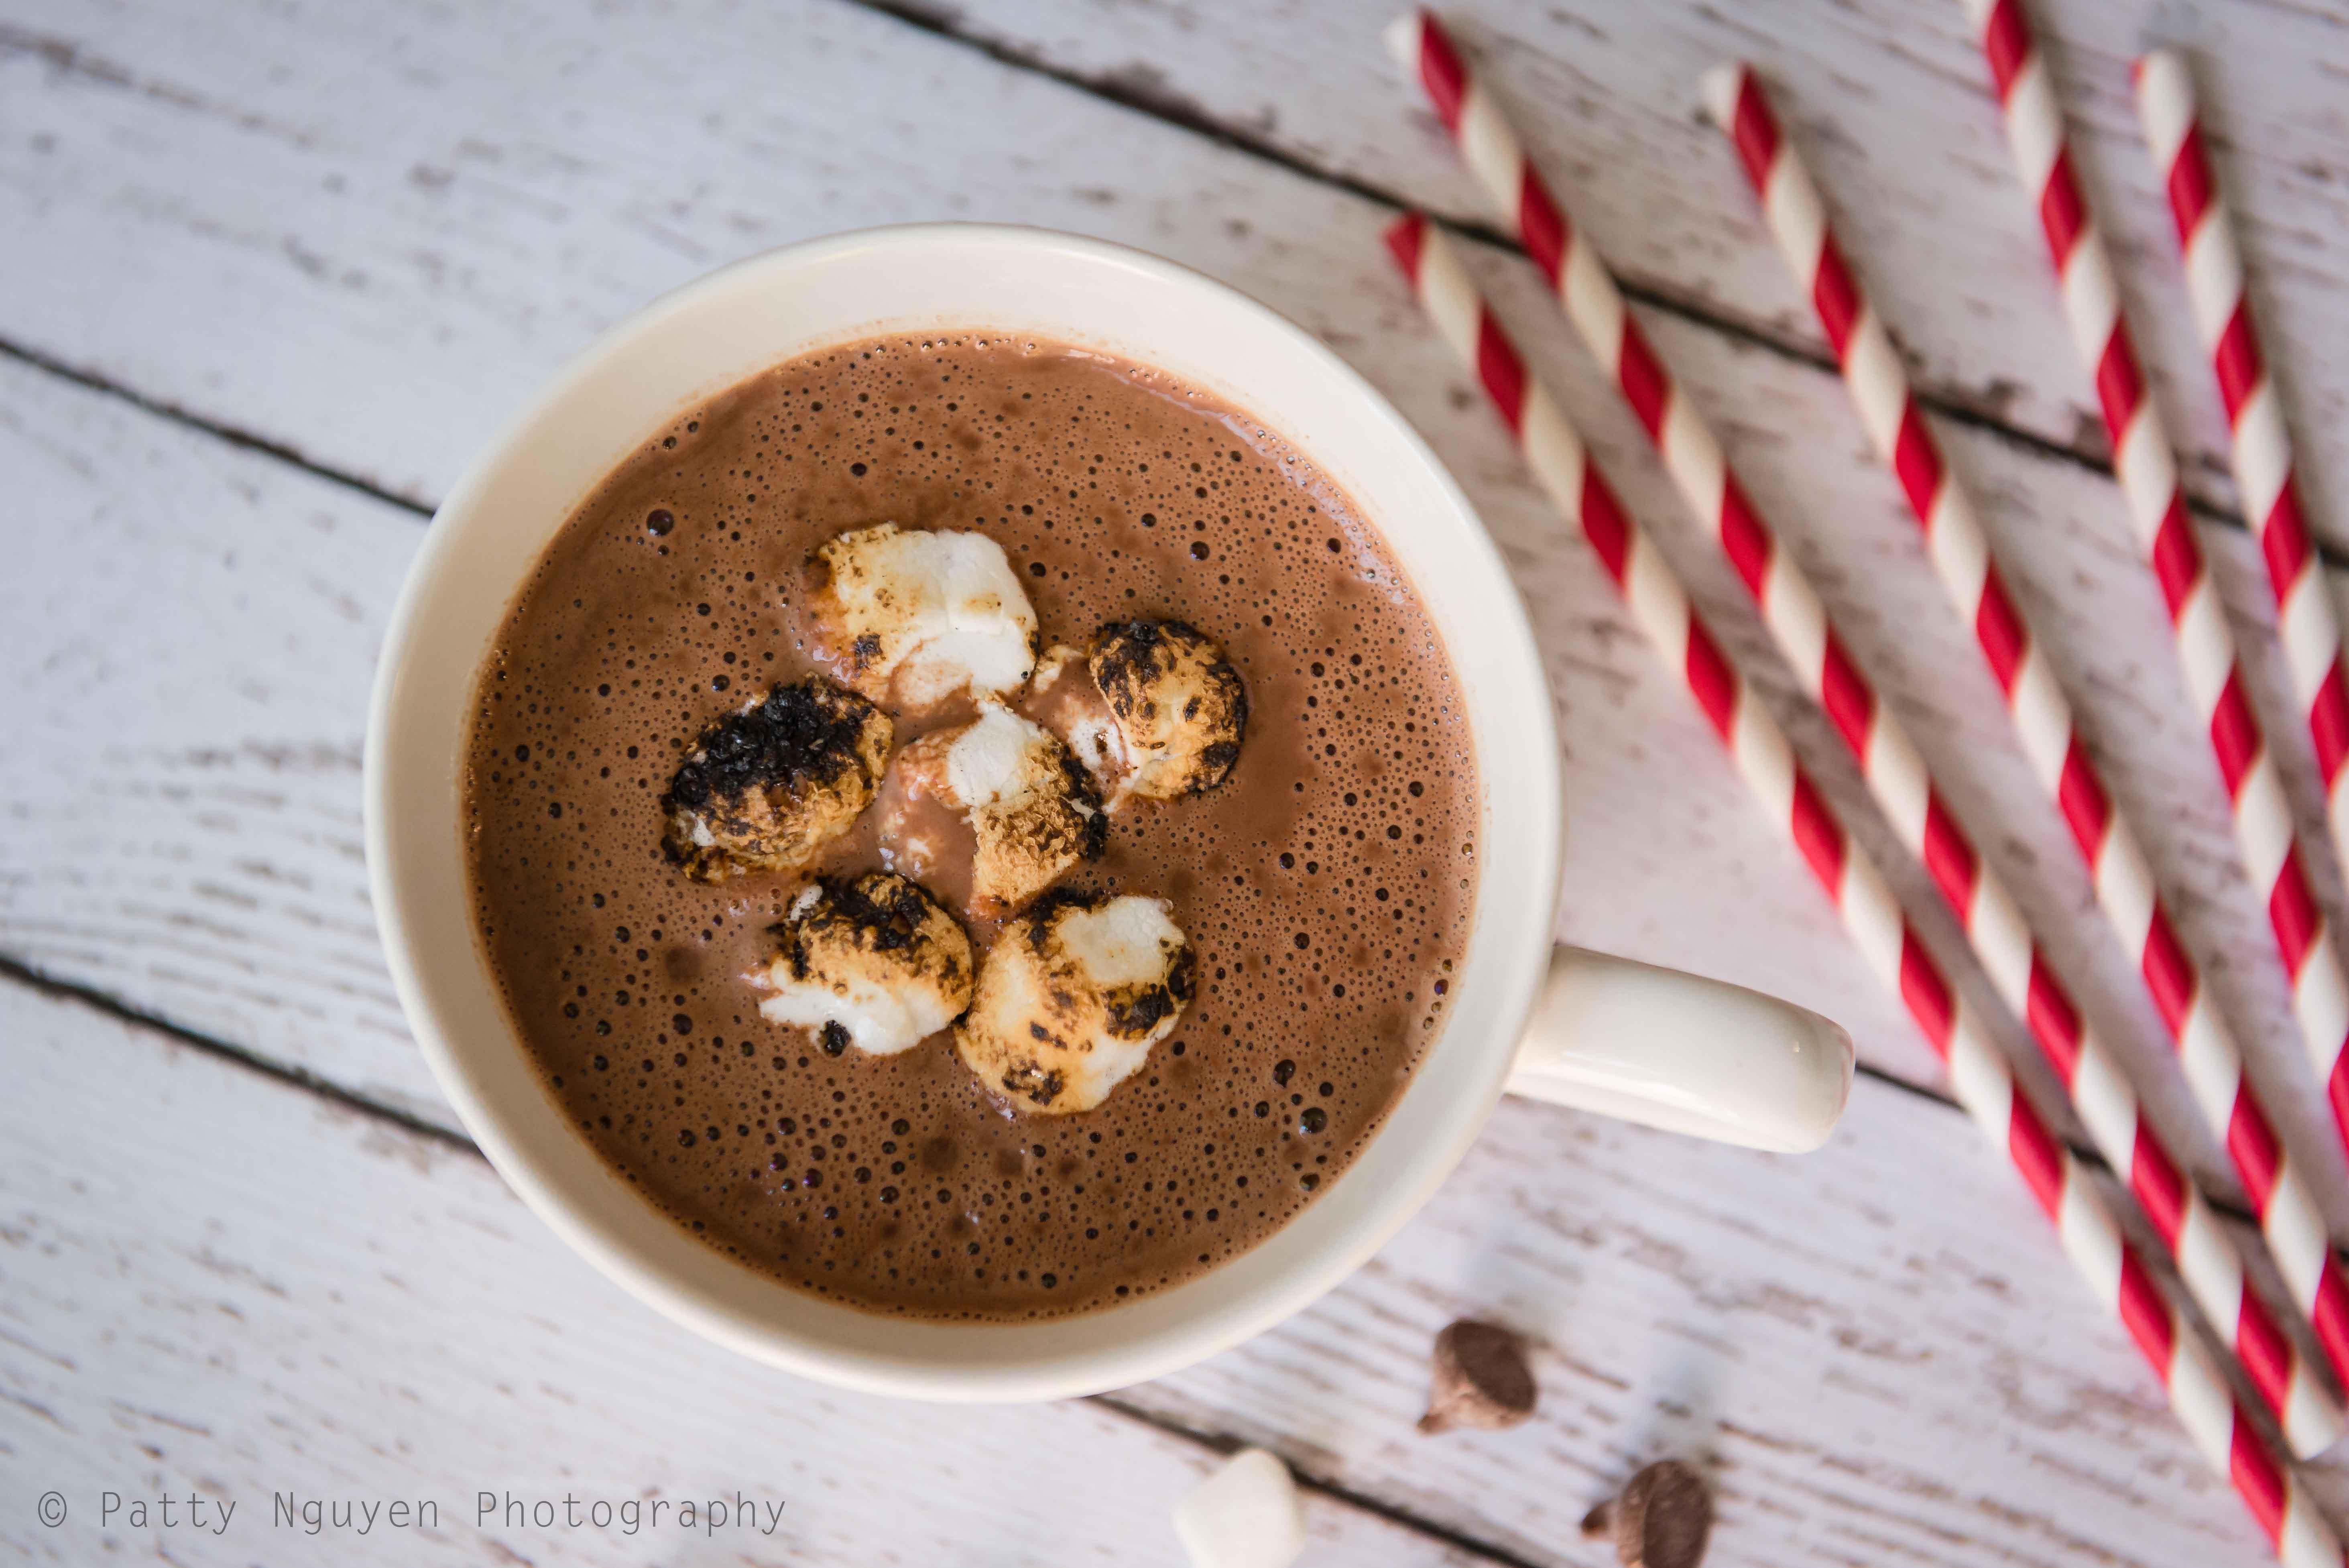 Приготовление ванильного кофе – лучшие рецепты